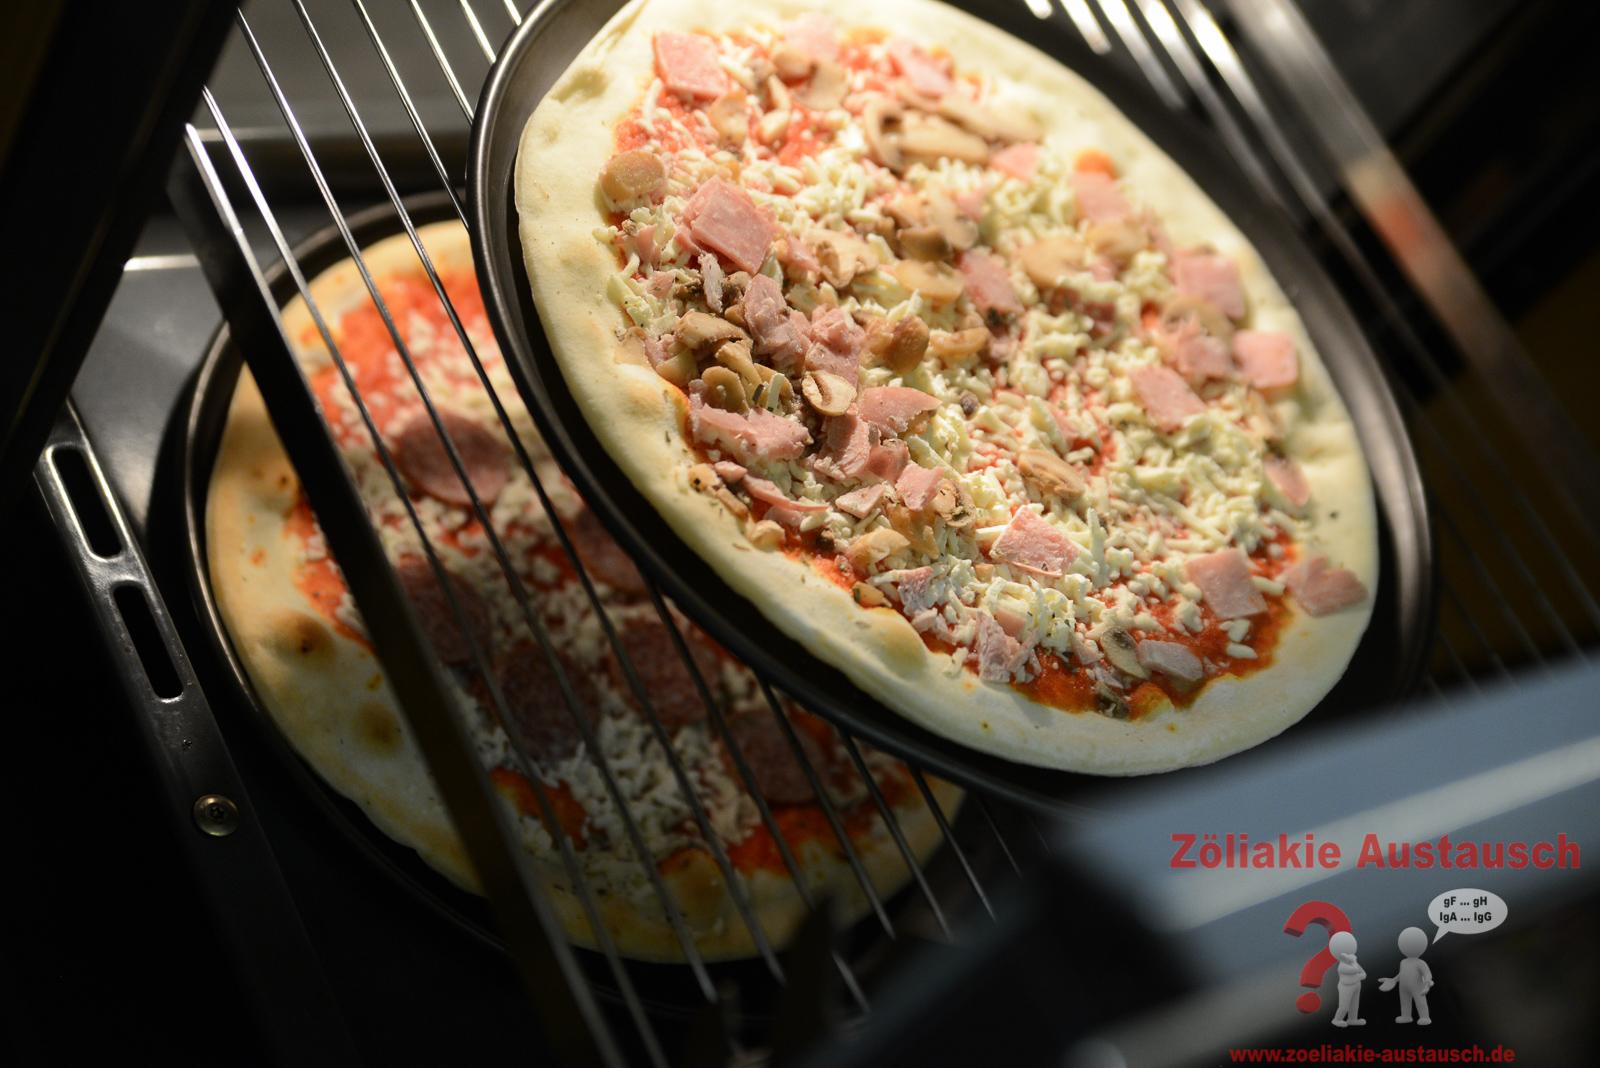 Schaer_Pizza-Zoeliakie_Austausch_024